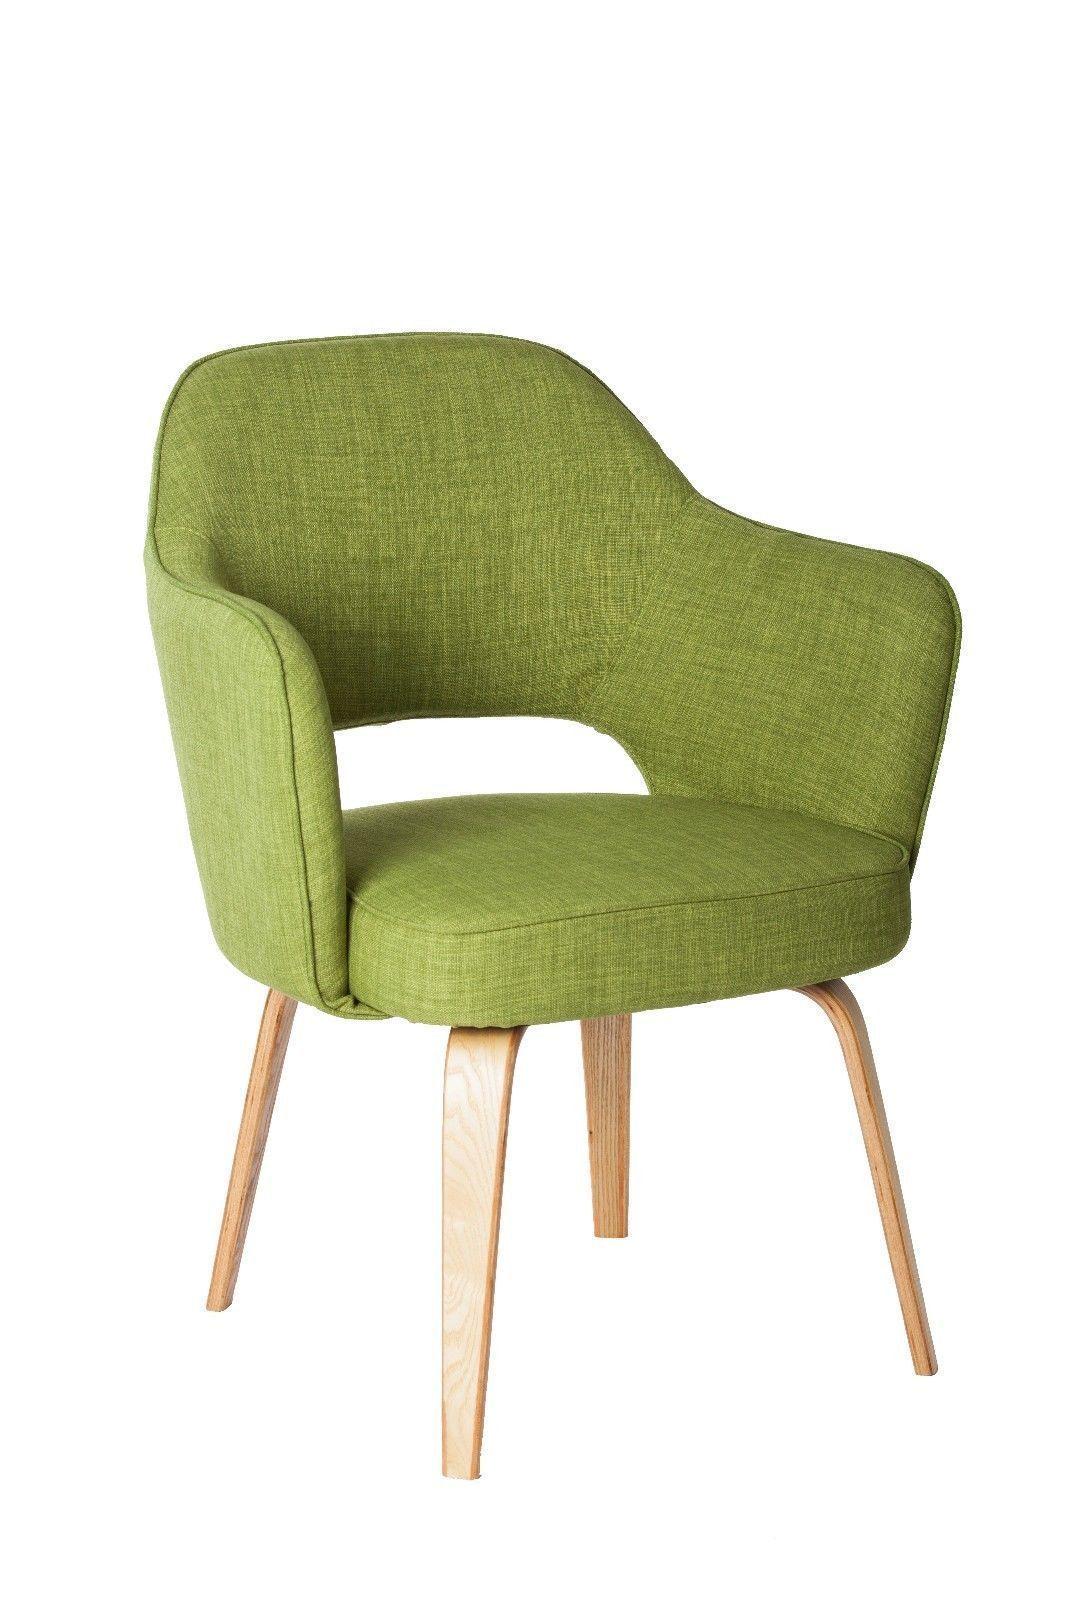 kim tub chair green fabric spa pinterest tub chair green